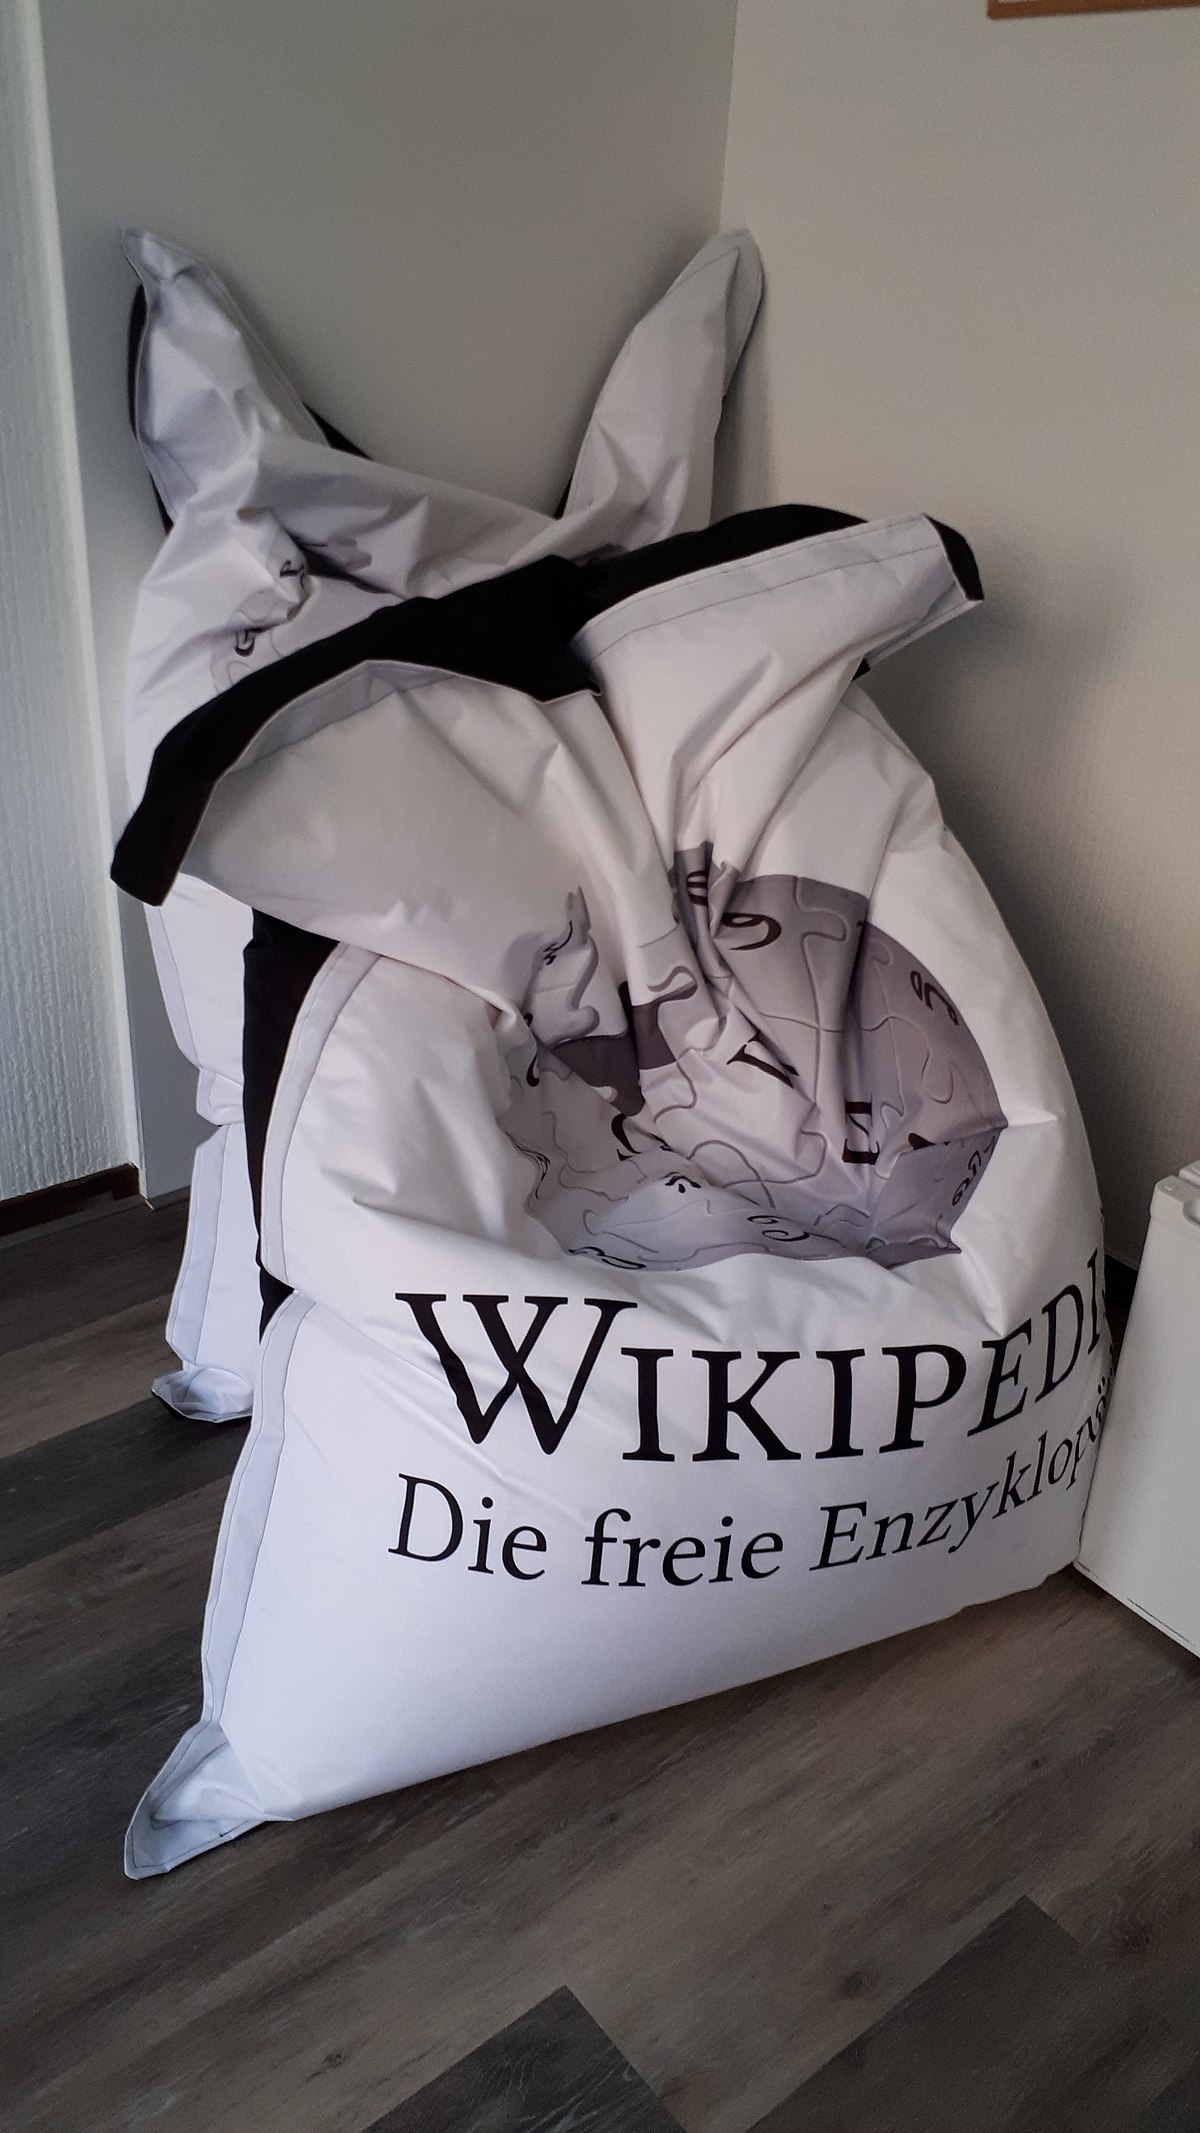 Bolletjes Voor Zitzak.Zitzak Wikiwoordenboek